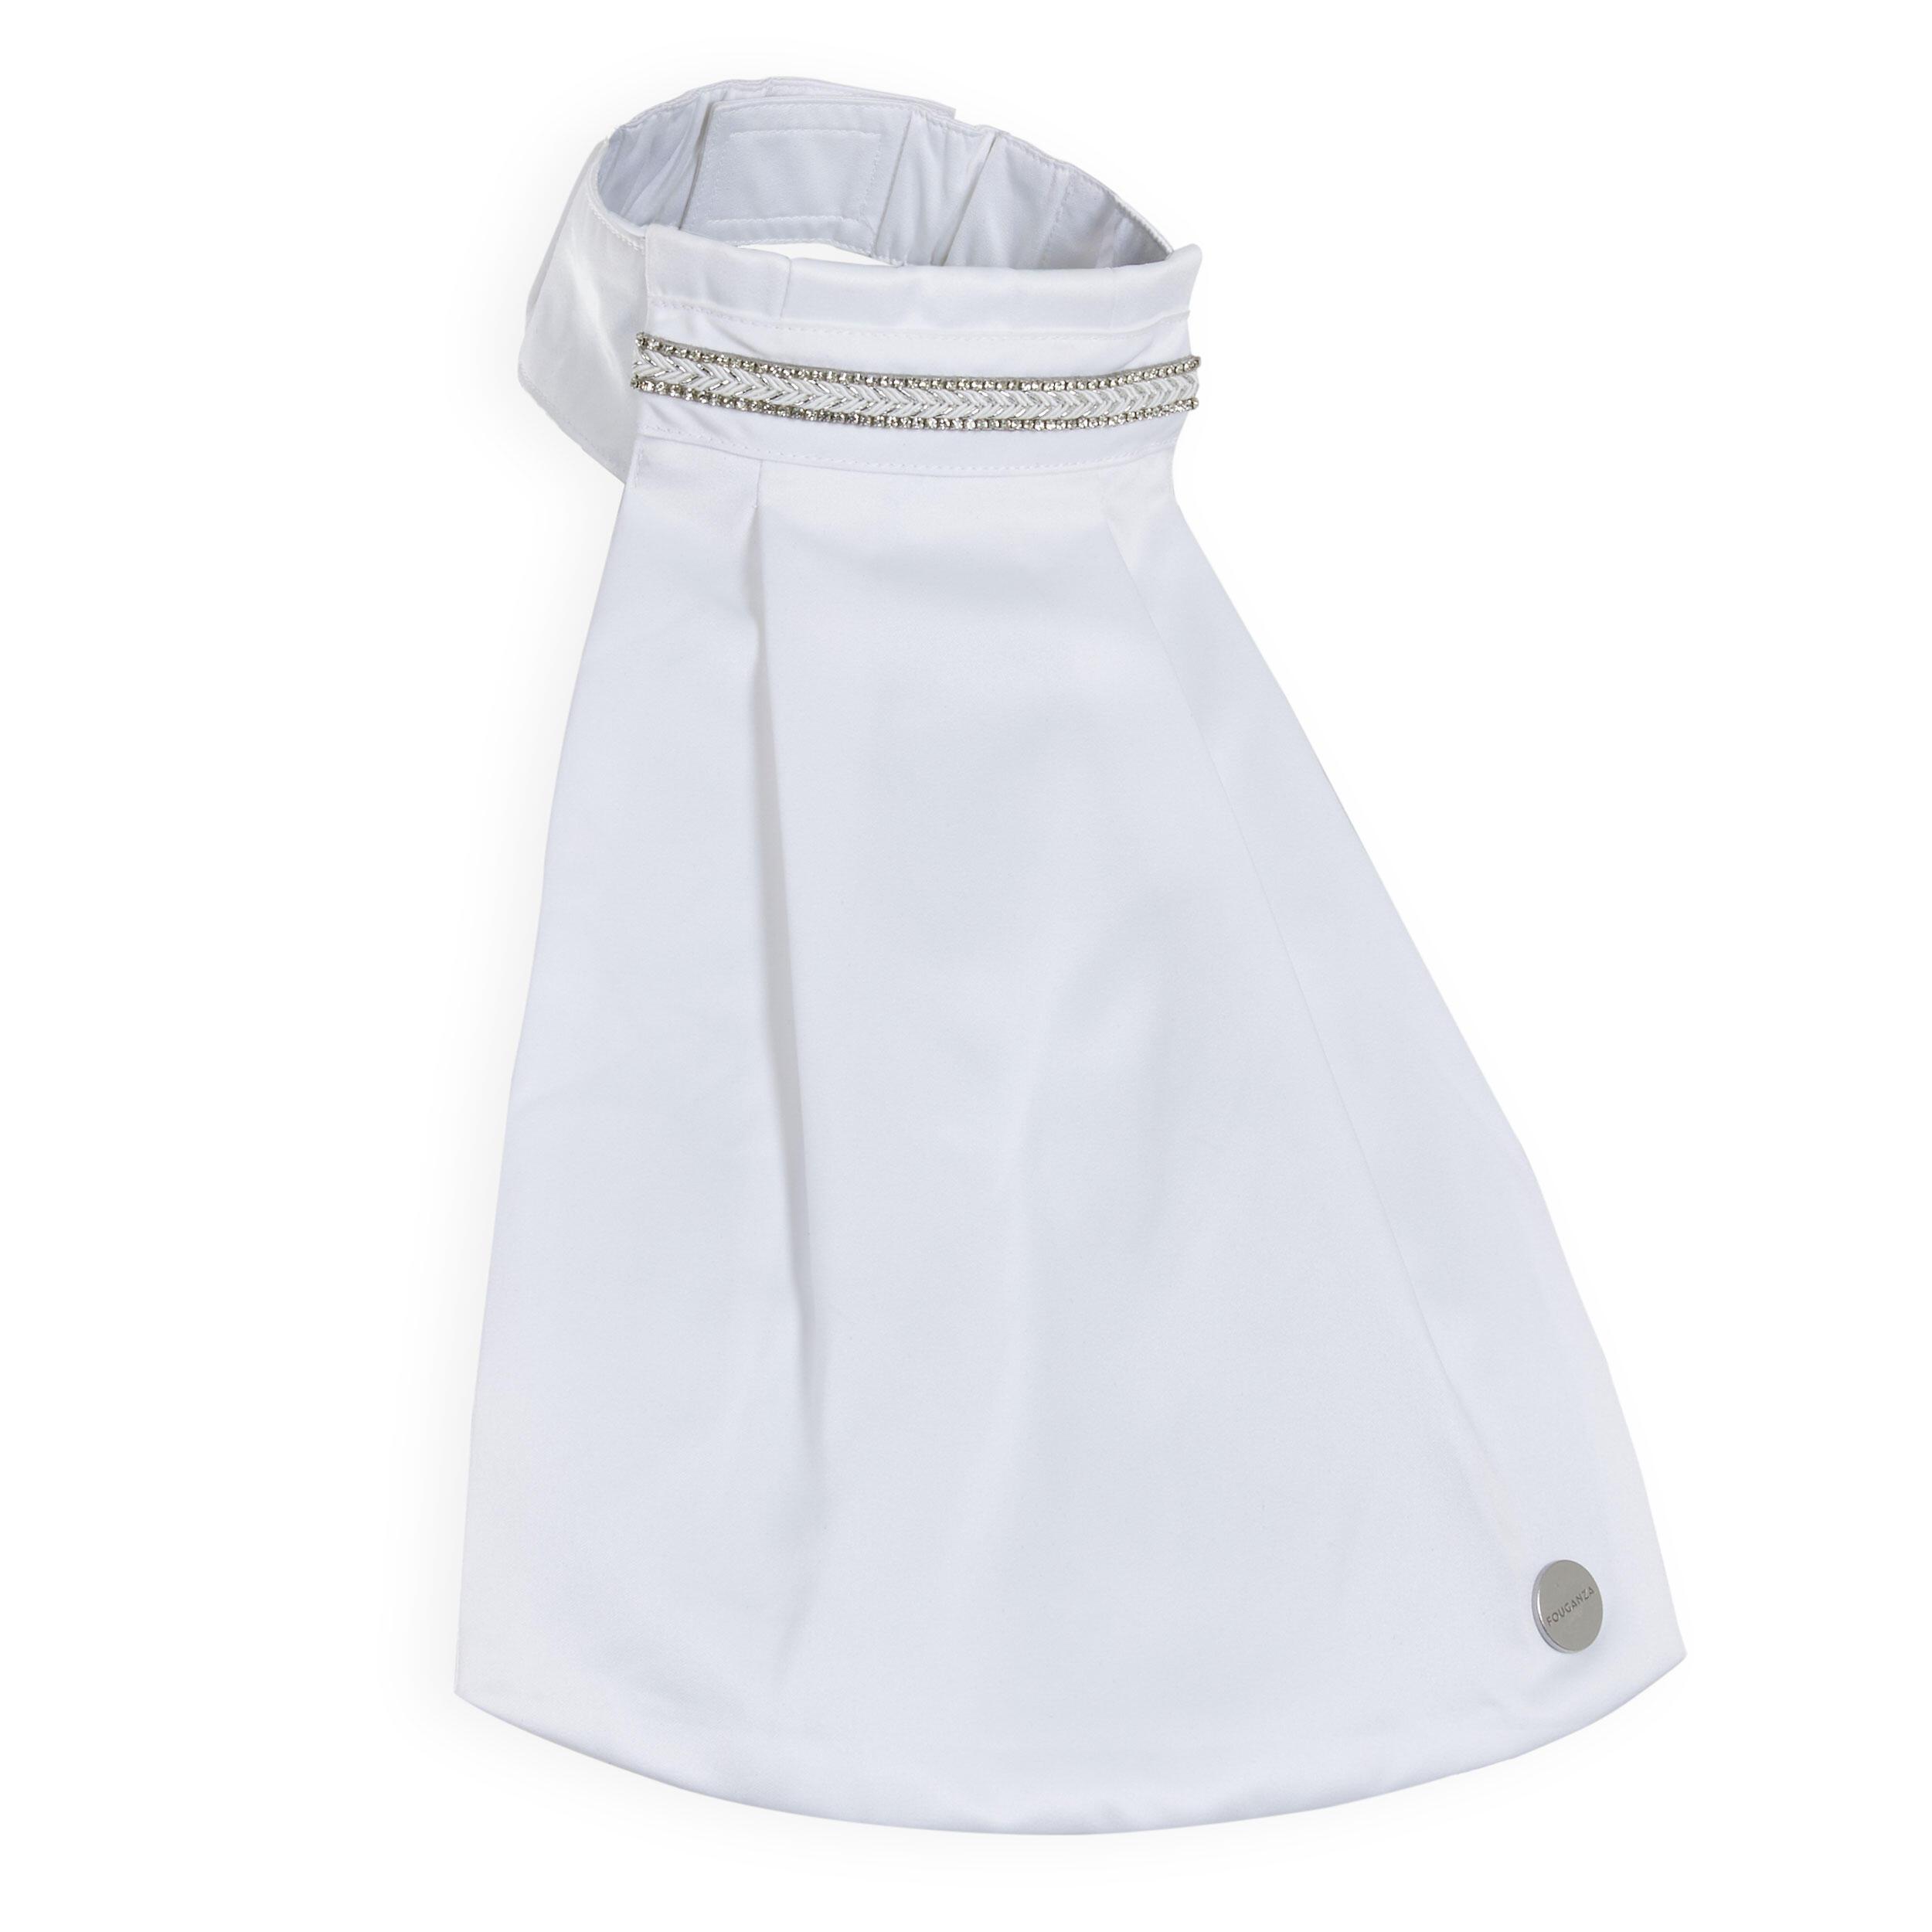 FOUGANZA Cravatta dressage donna bianca